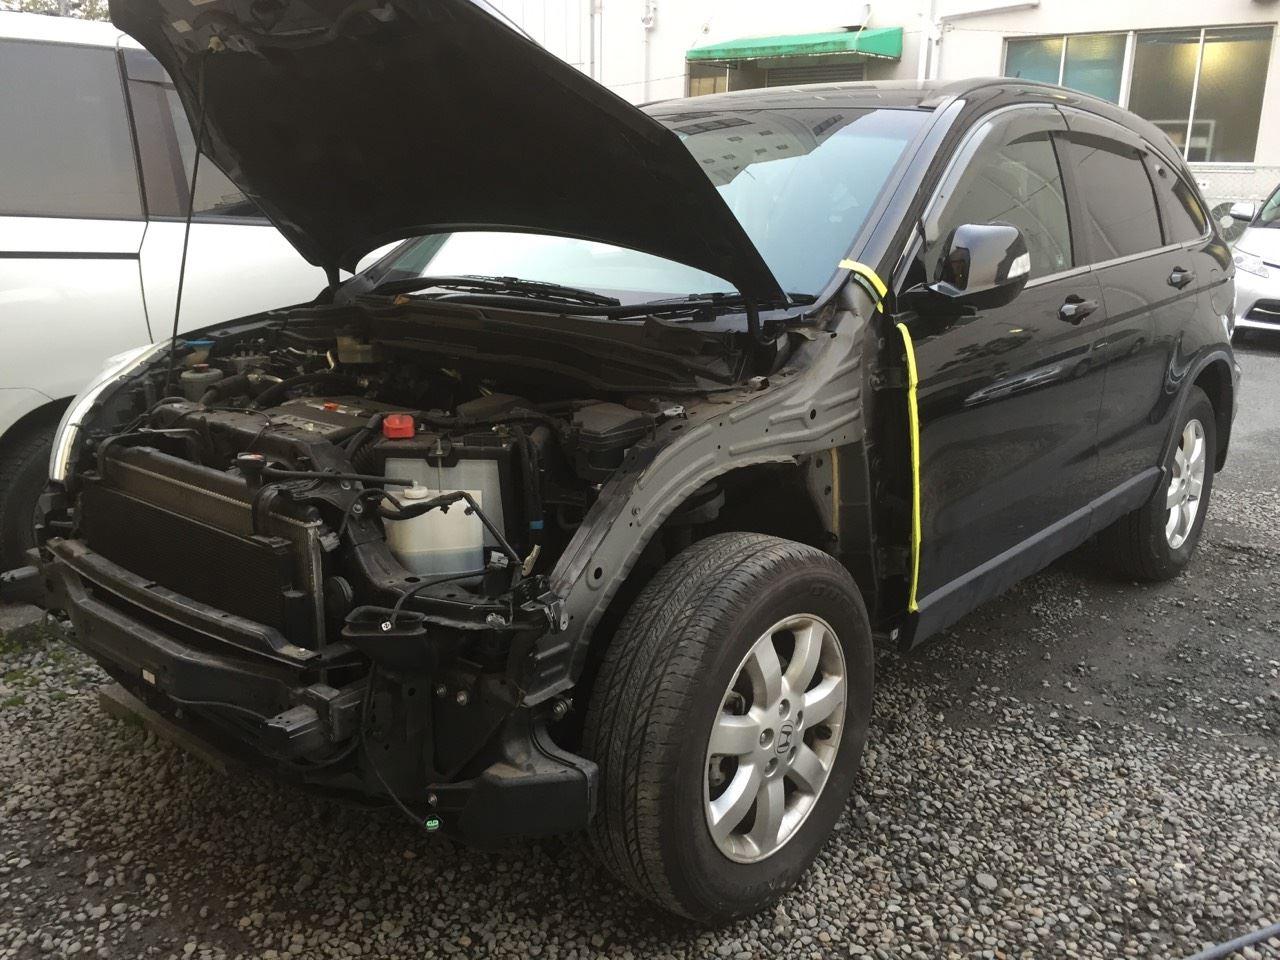 東京都立川市の車の板金塗装修理工場 ガレージローライドのホンダ CR-Vの左前部のキズ へこみ の板金 修理 塗装 です。